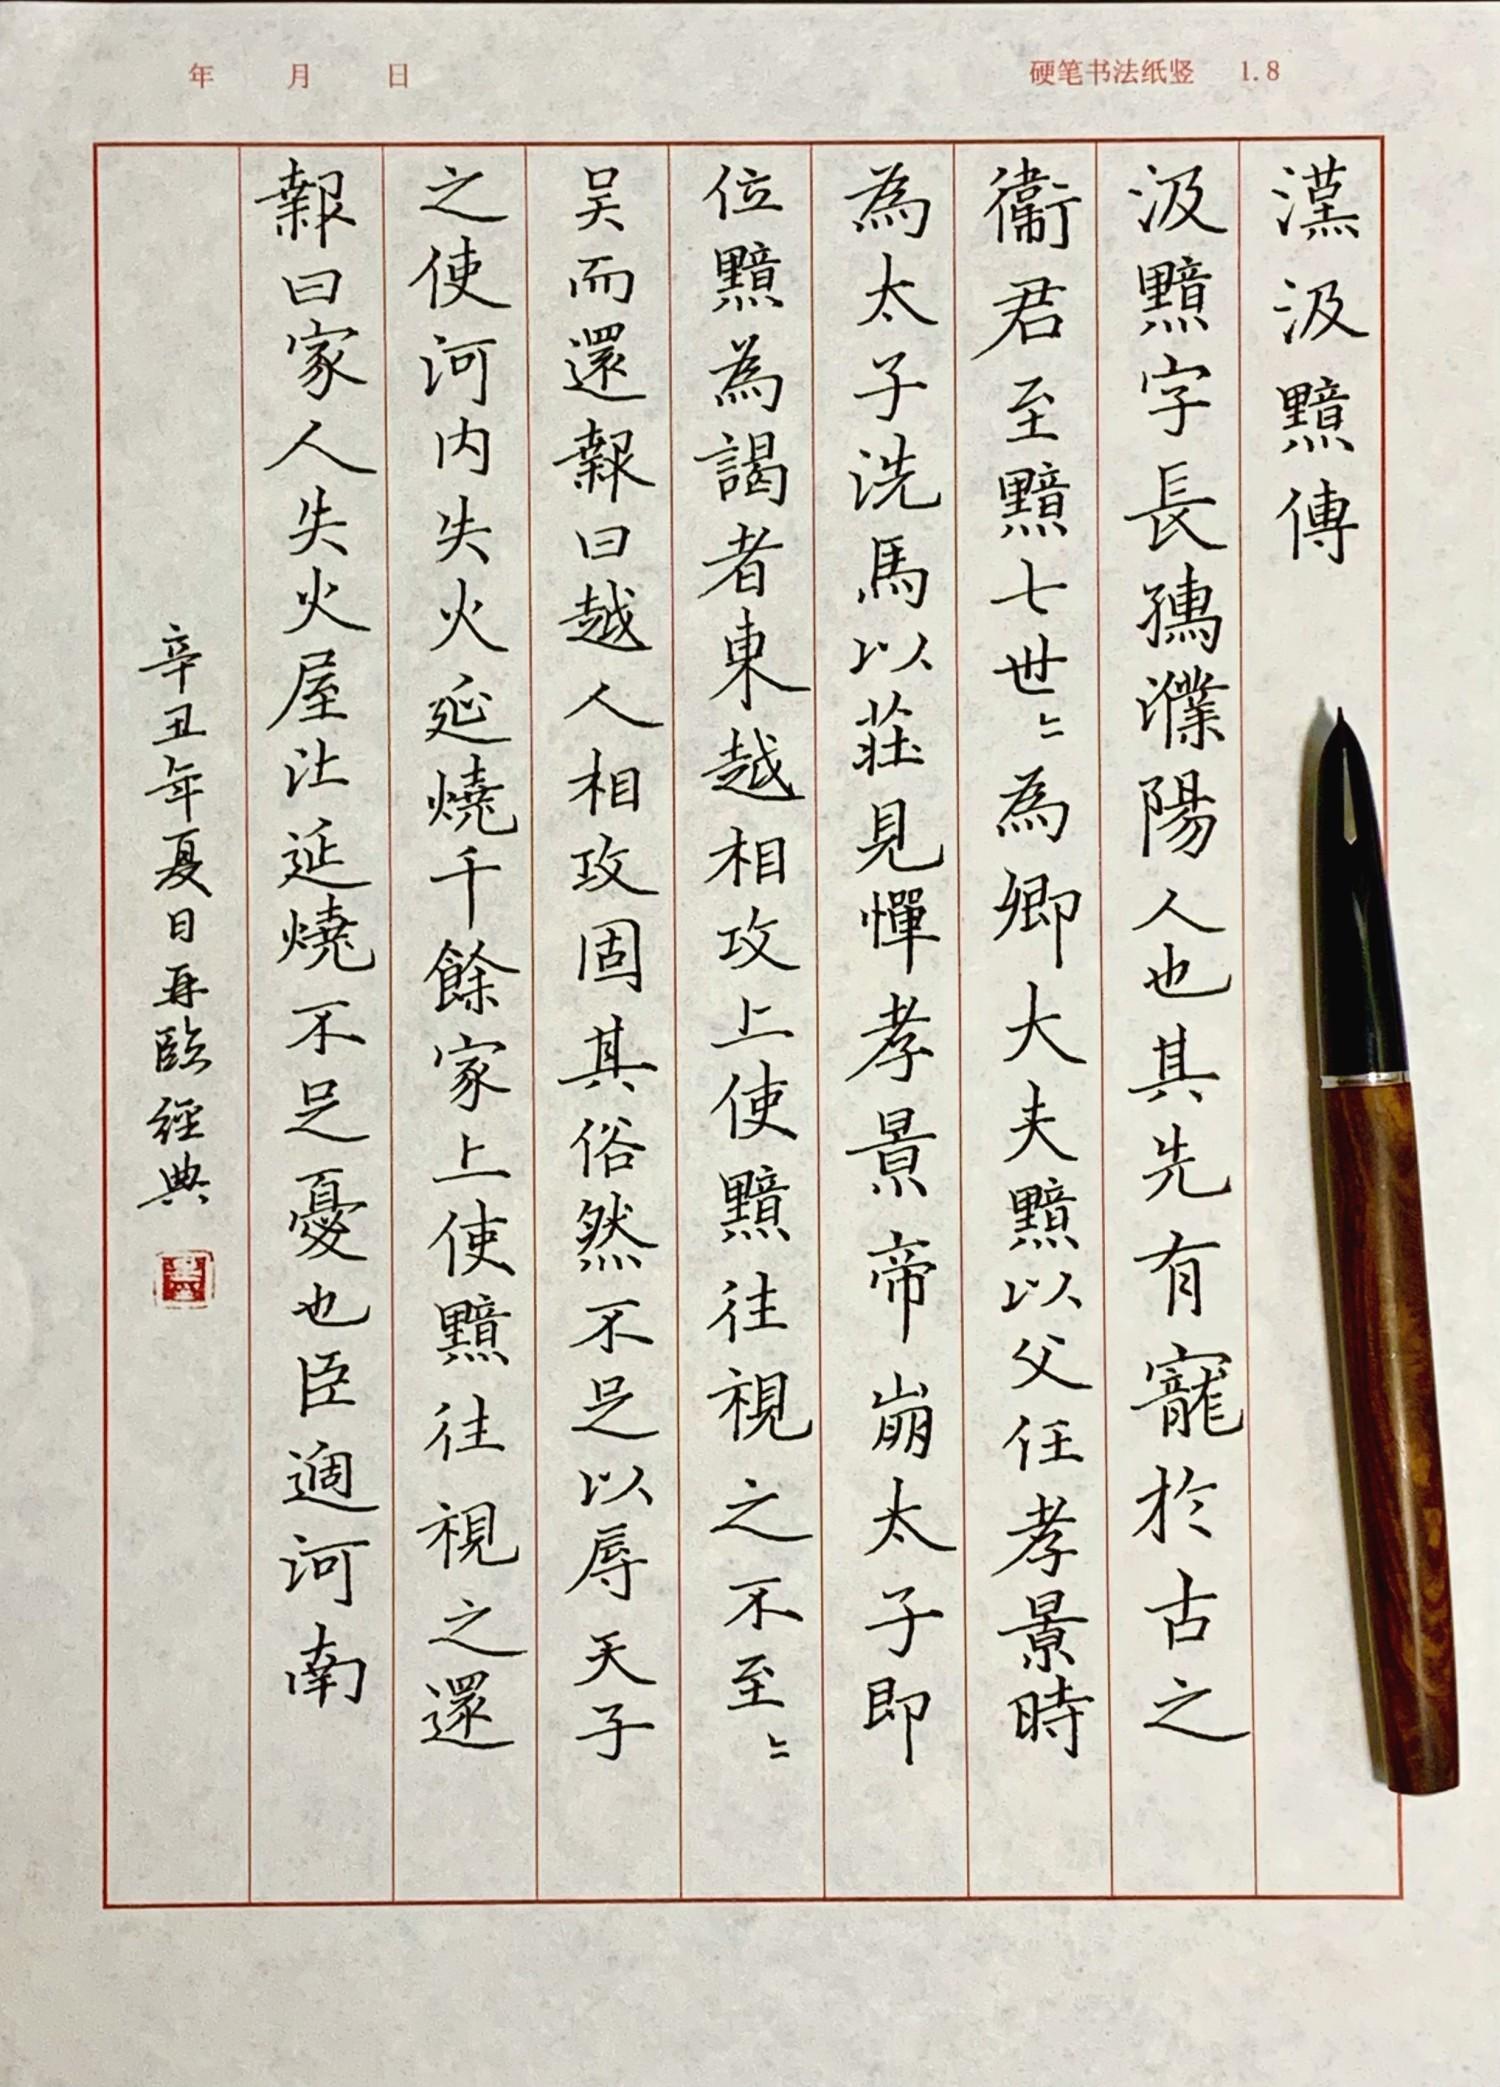 钢笔书法练字打卡20210615-10